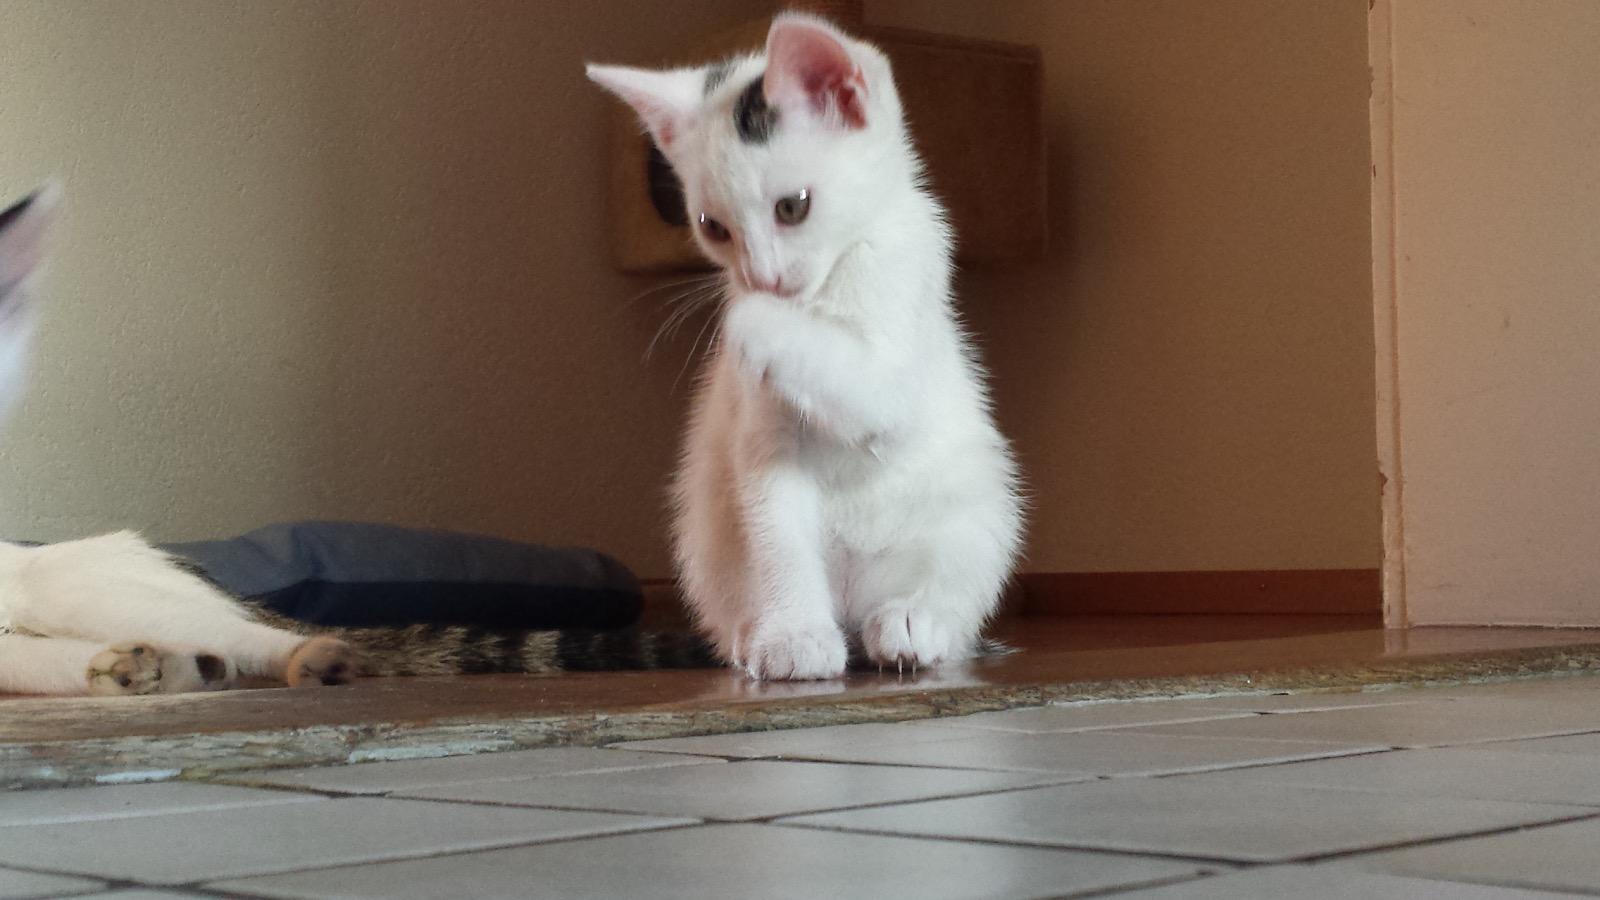 Wir füttern und versorgen Ihre Katzen und andere Haustiere - Tierheim Alternative